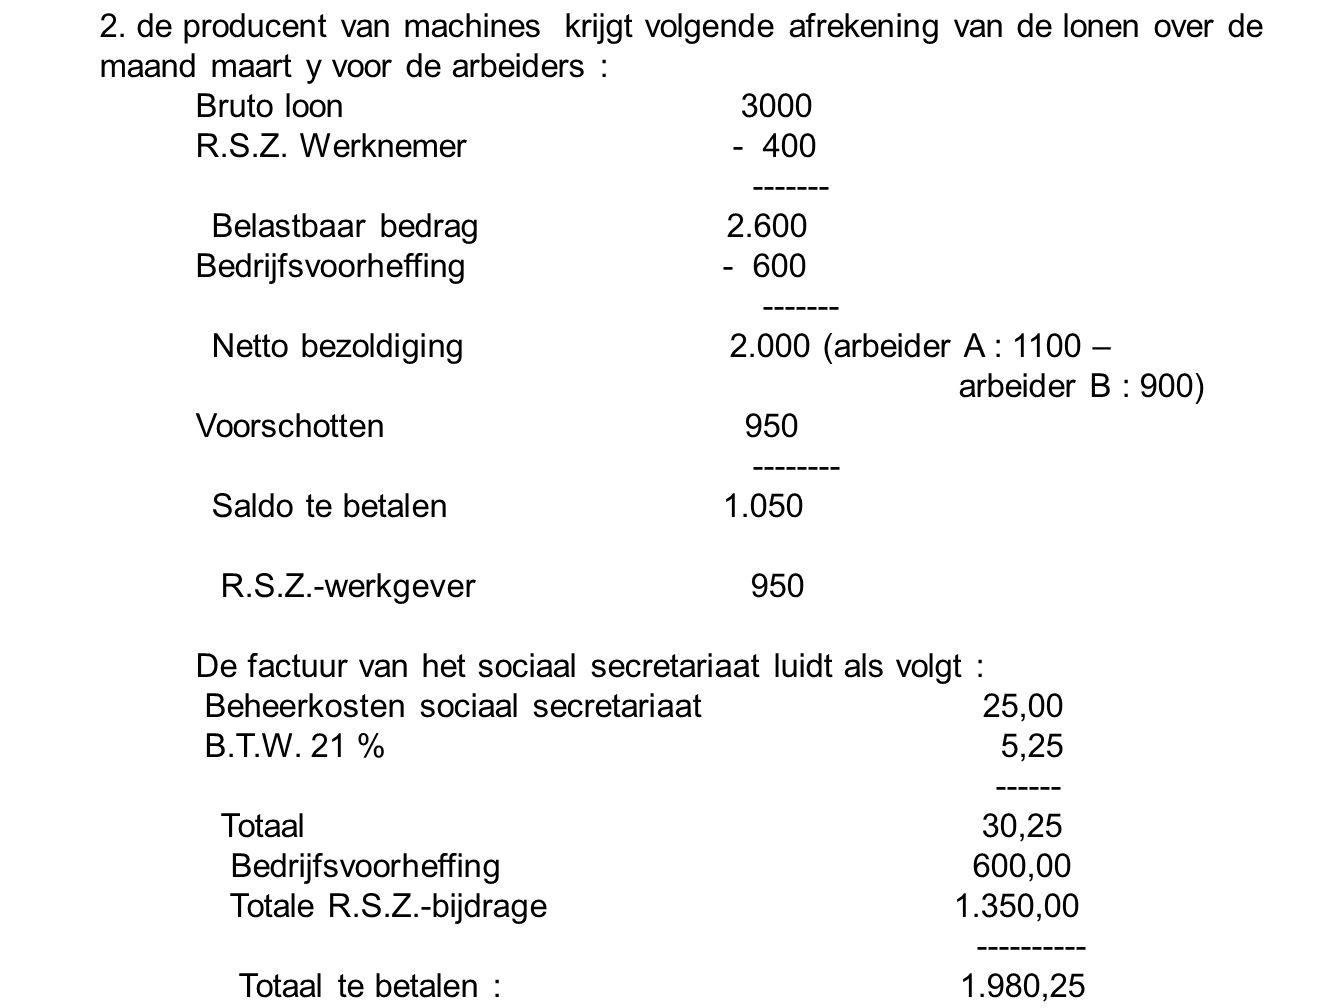 2. de producent van machines krijgt volgende afrekening van de lonen over de maand maart y voor de arbeiders : Bruto loon 3000 R.S.Z. Werknemer - 400